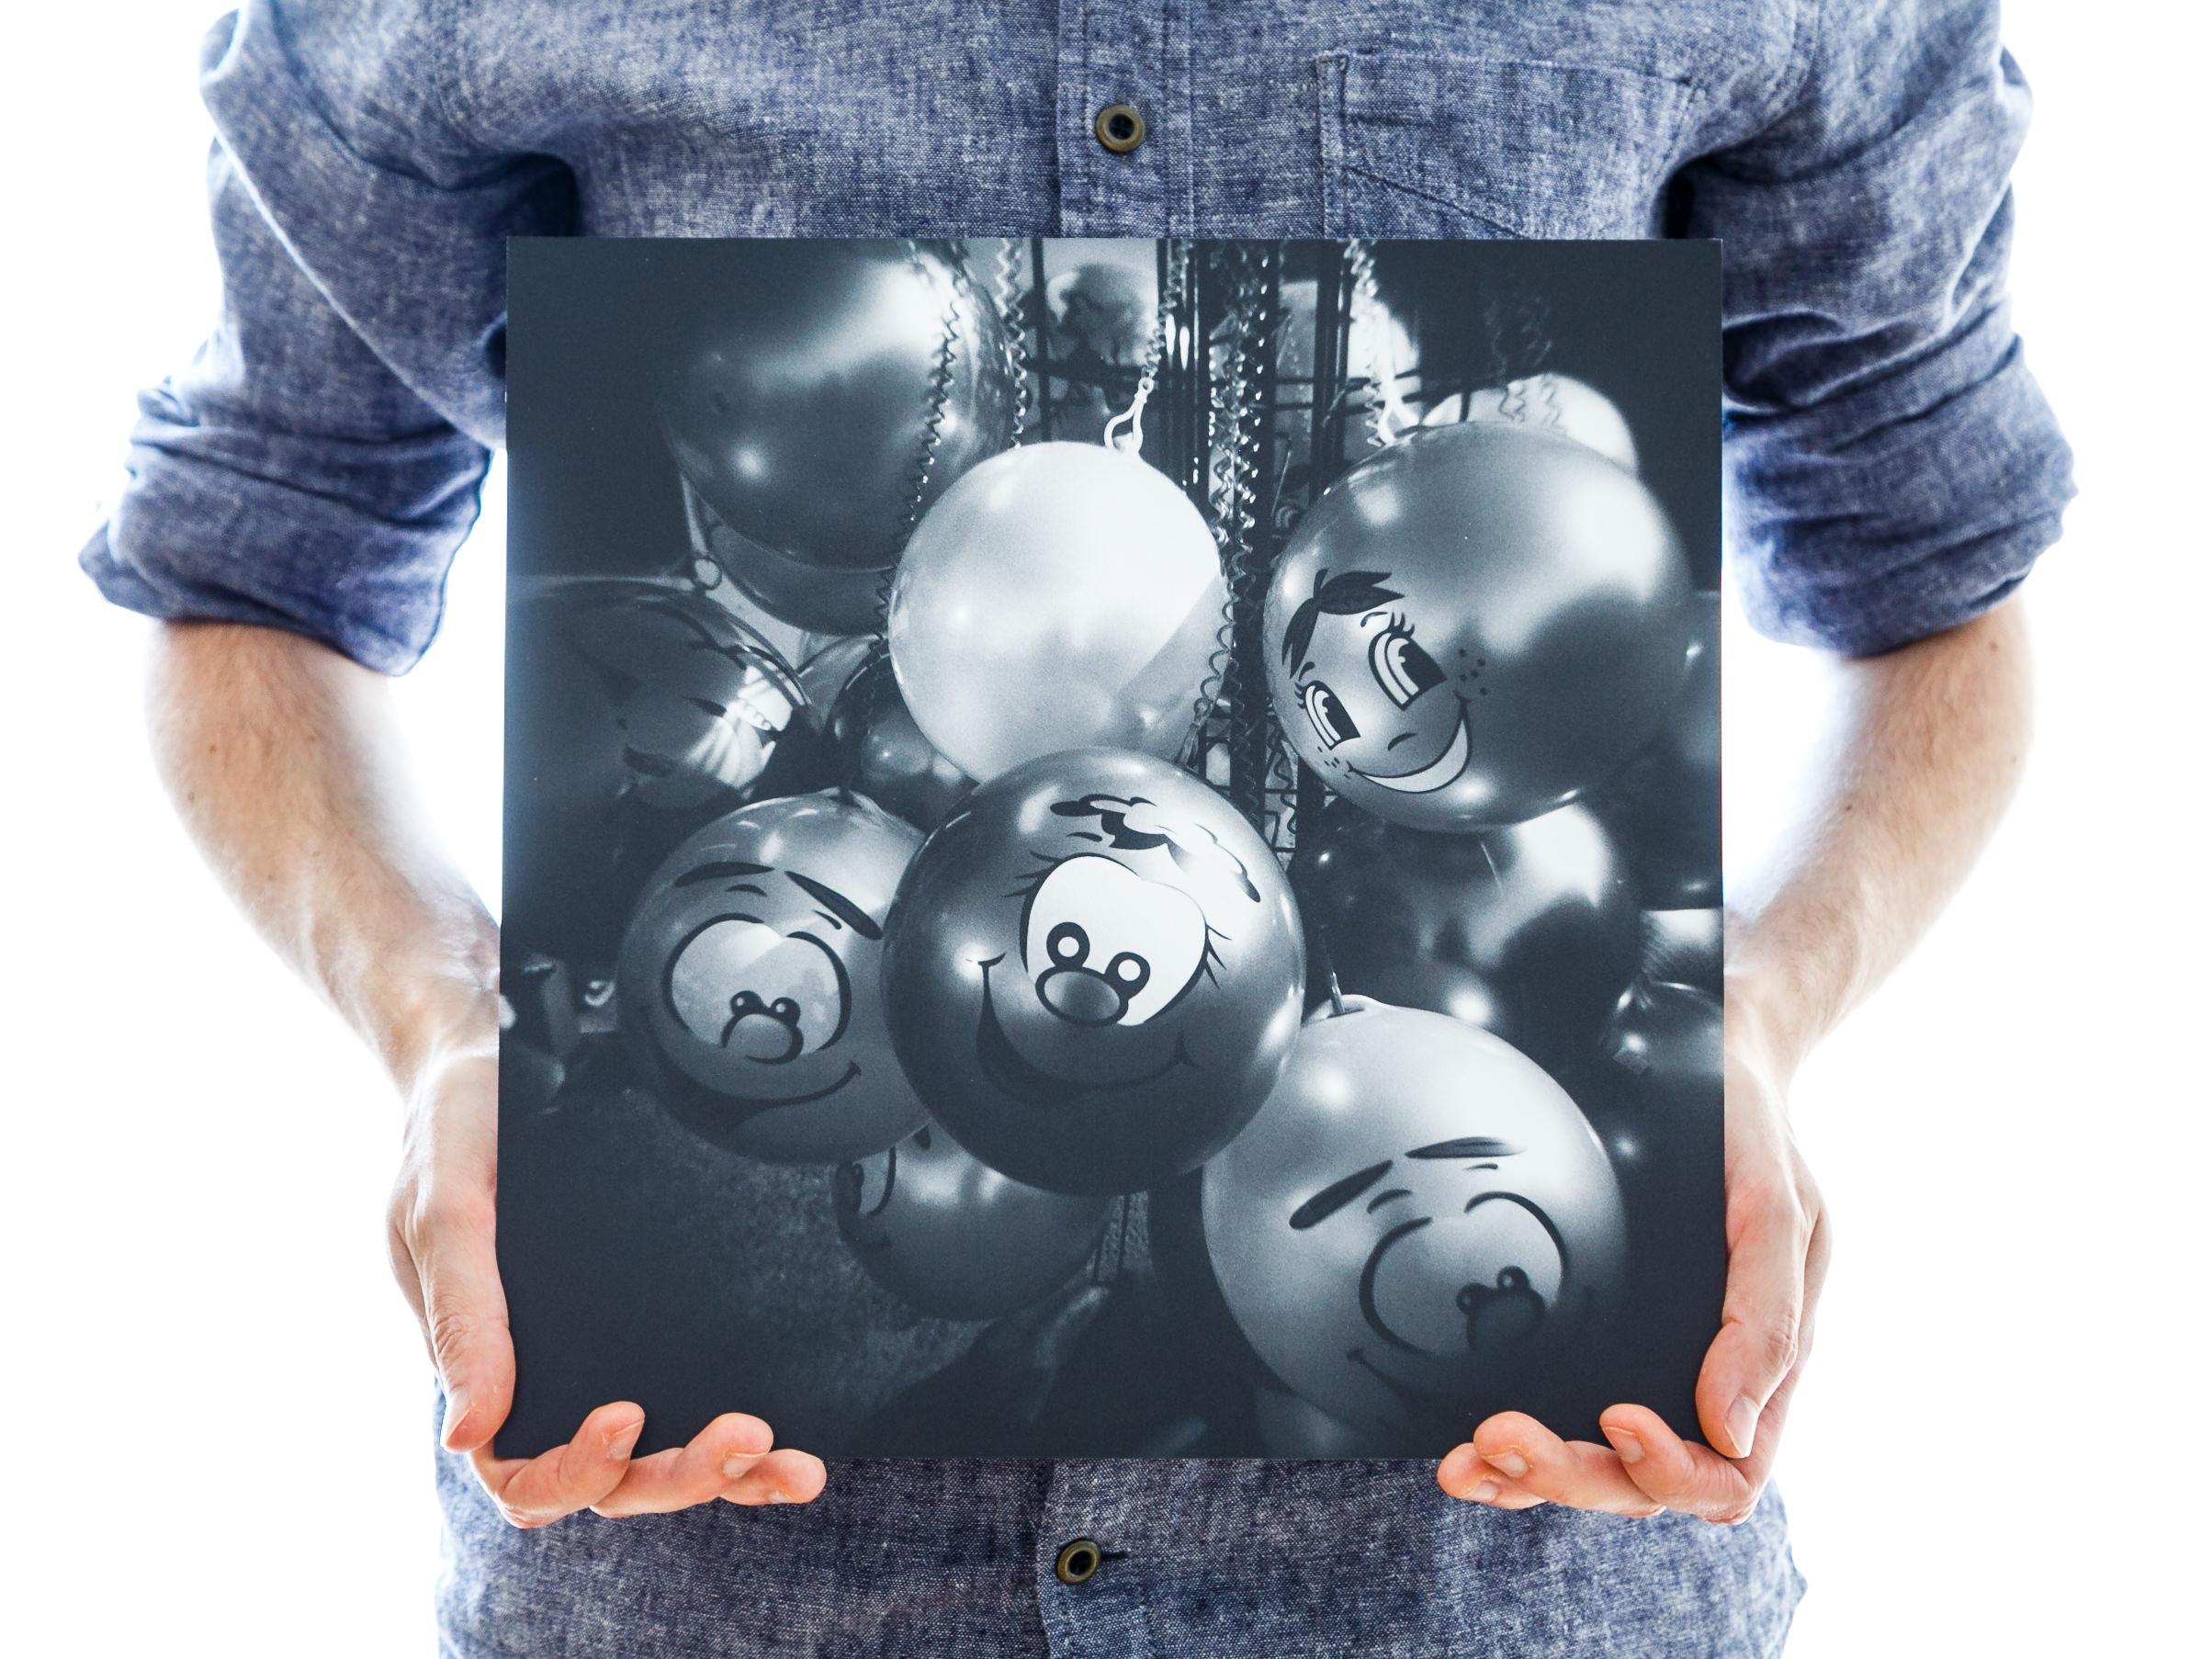 'Spherical Smiles' (30x30cm - £45)